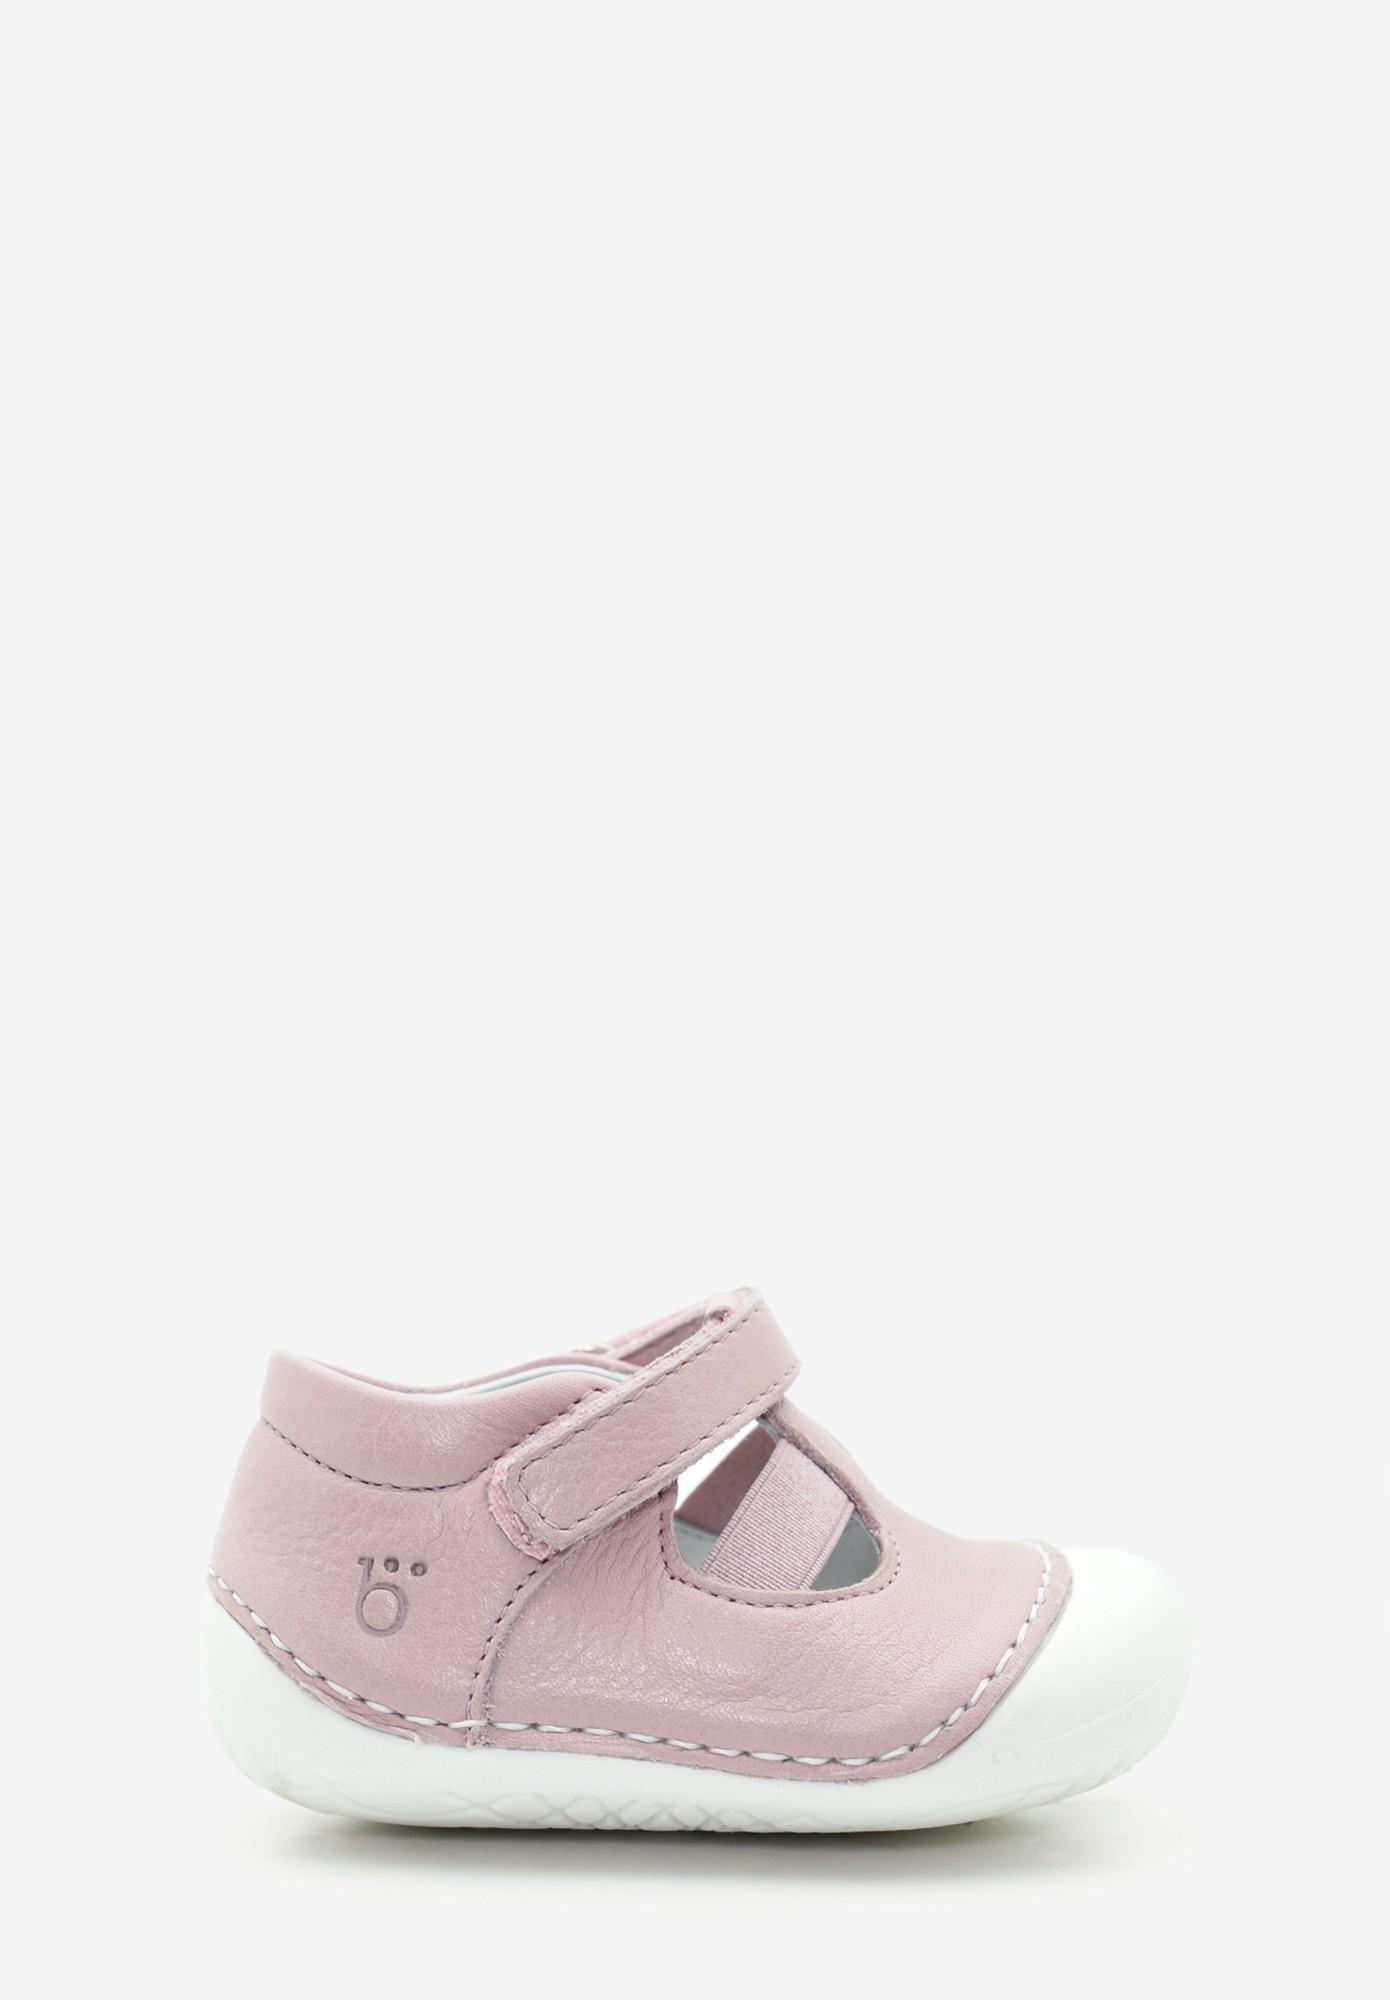 chaussure bébé - Chaussure - Garçon et Fille